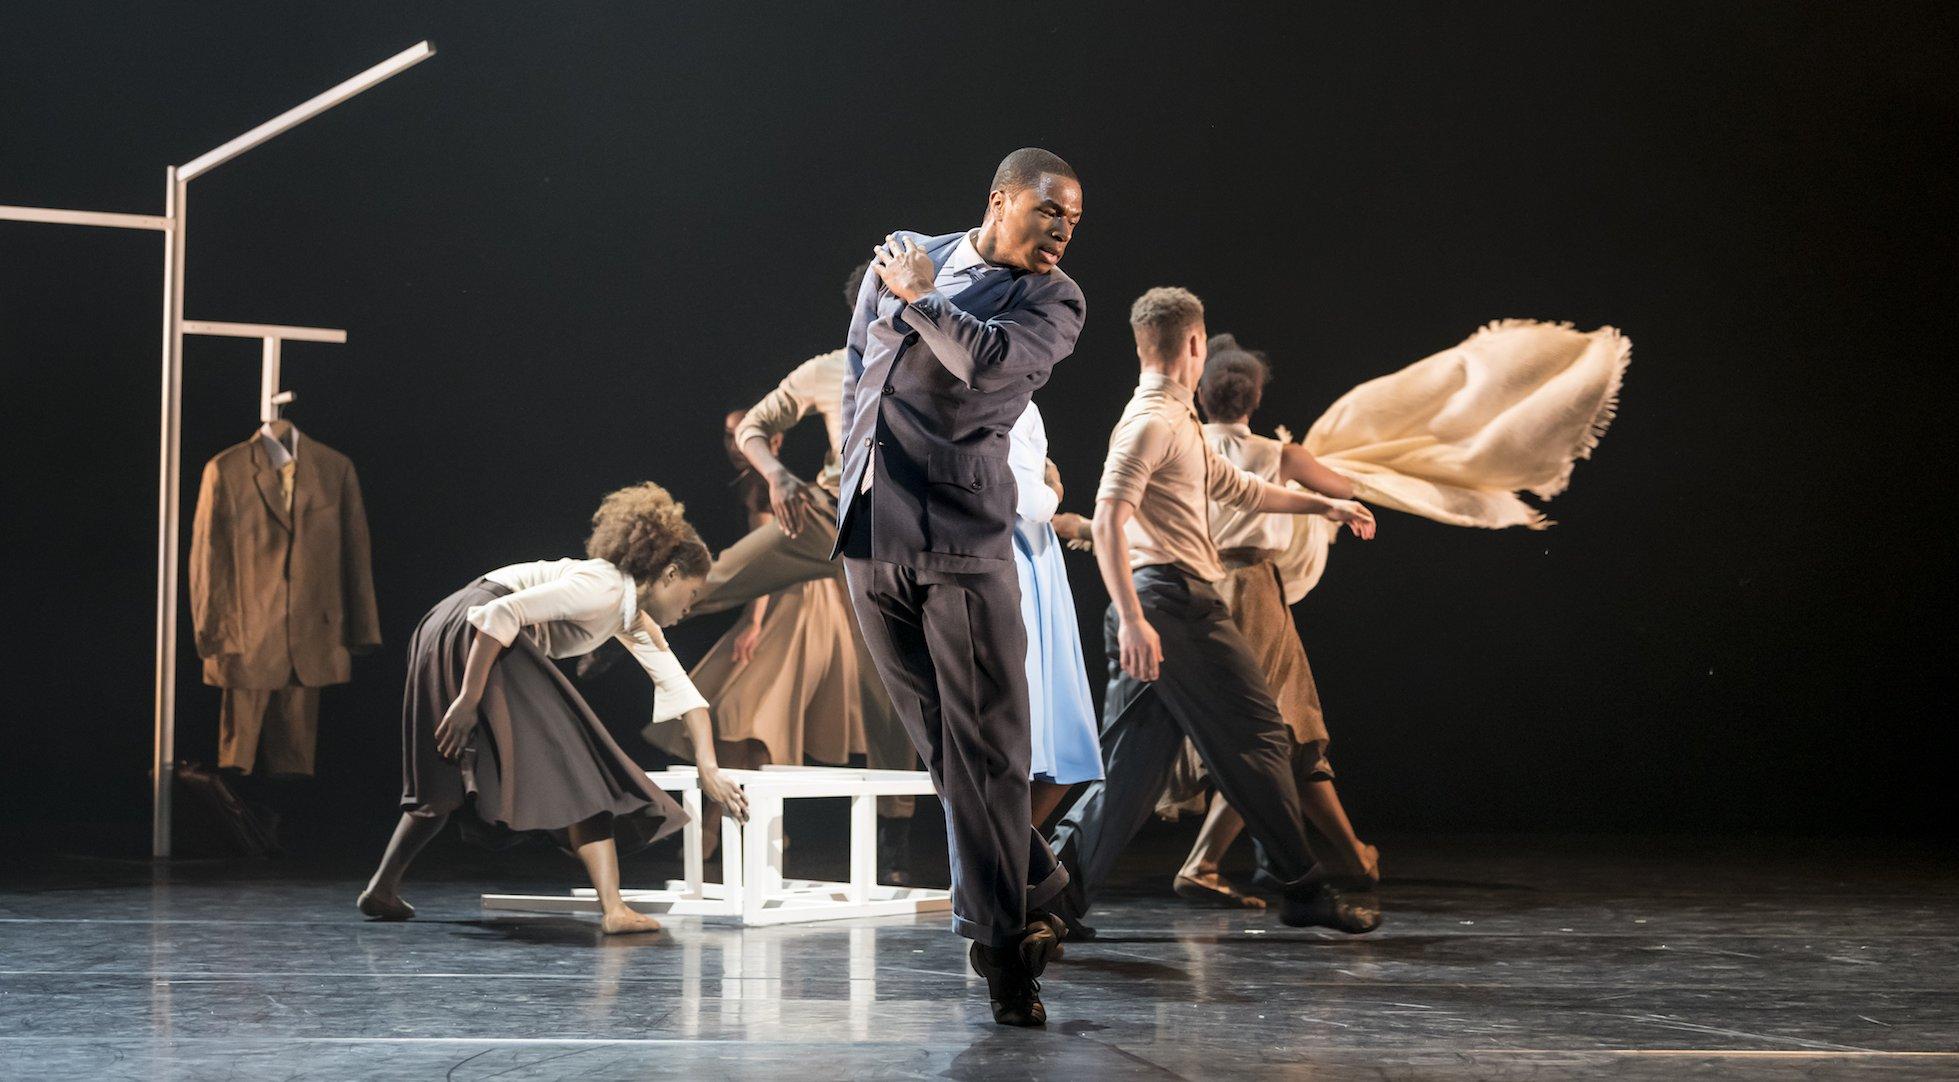 Ballet Black Ballet Dancer in The Suit by Cathy Marsten